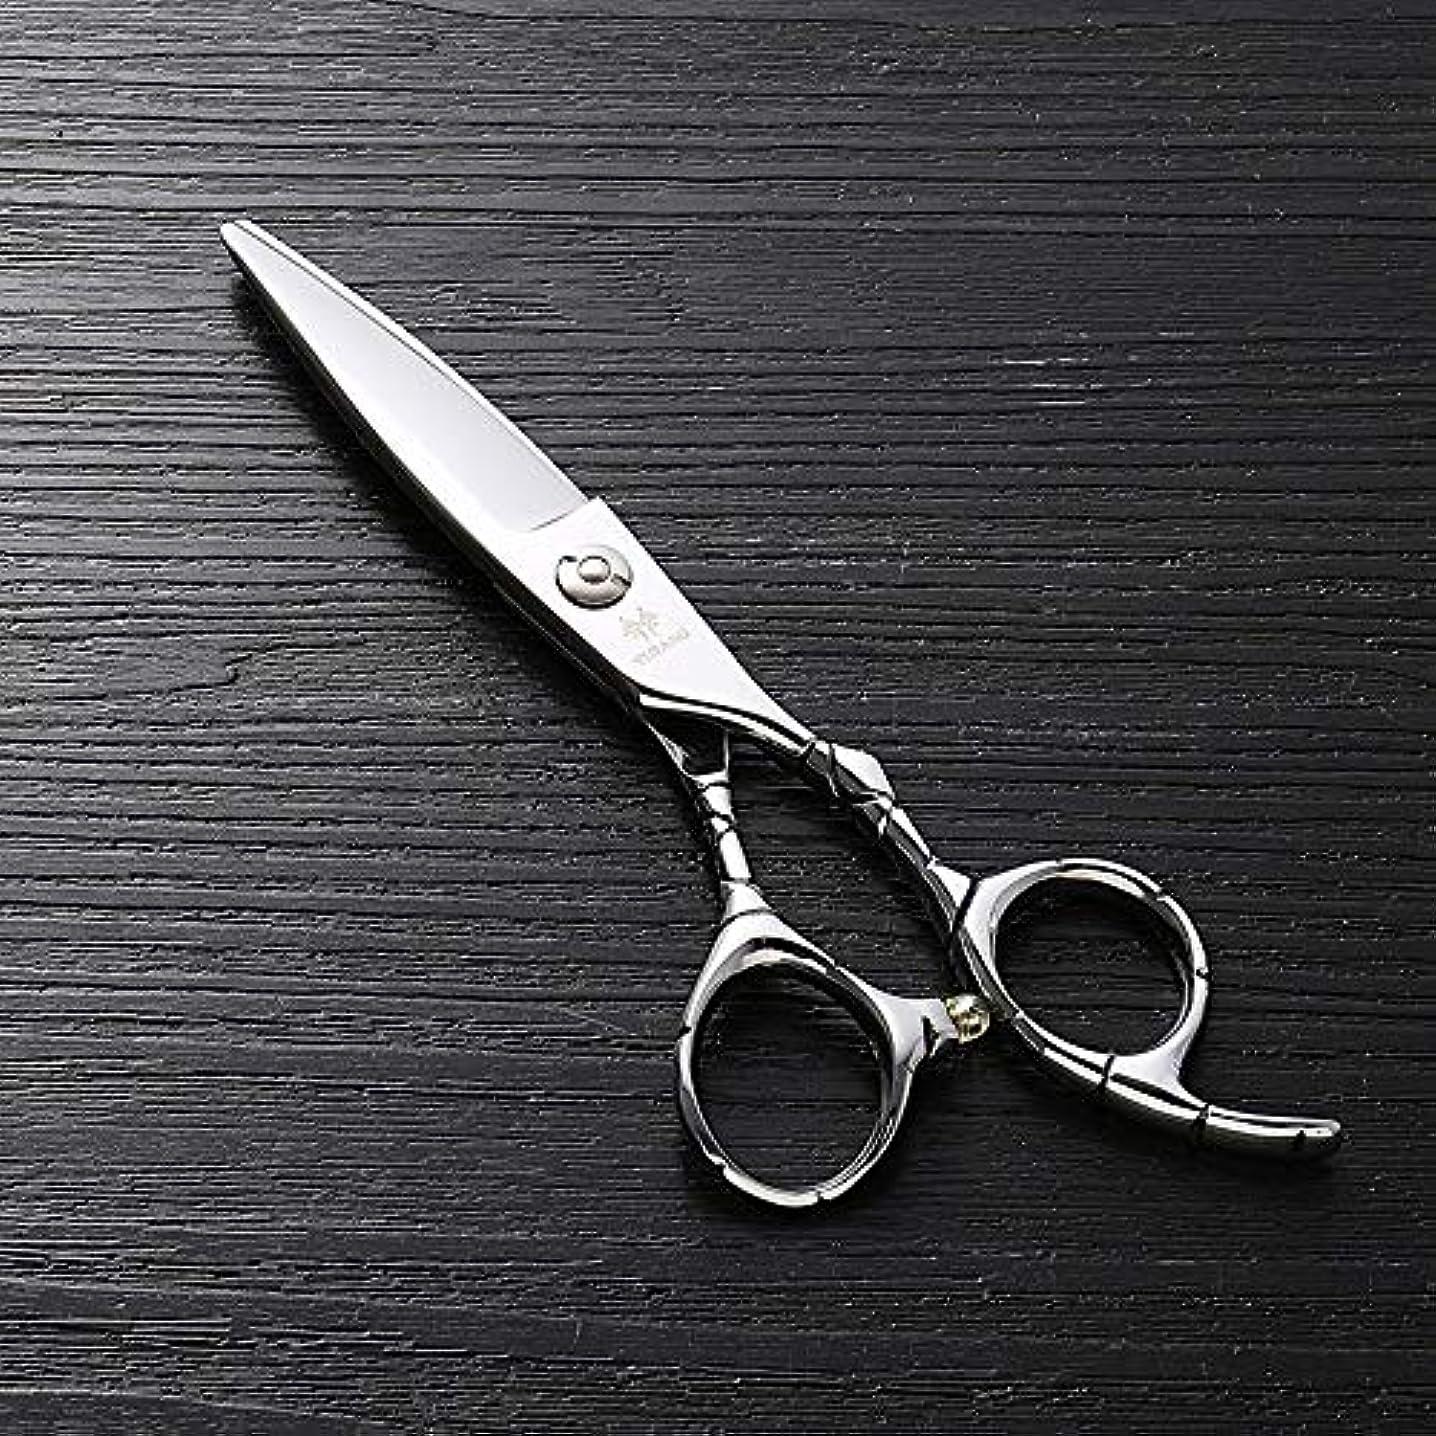 評価する学期最も遠い6インチのステンレス鋼のランセットの脂肪質の平らなせん断、美容院の専門の上限の理髪はさみ ヘアケア (色 : Silver)